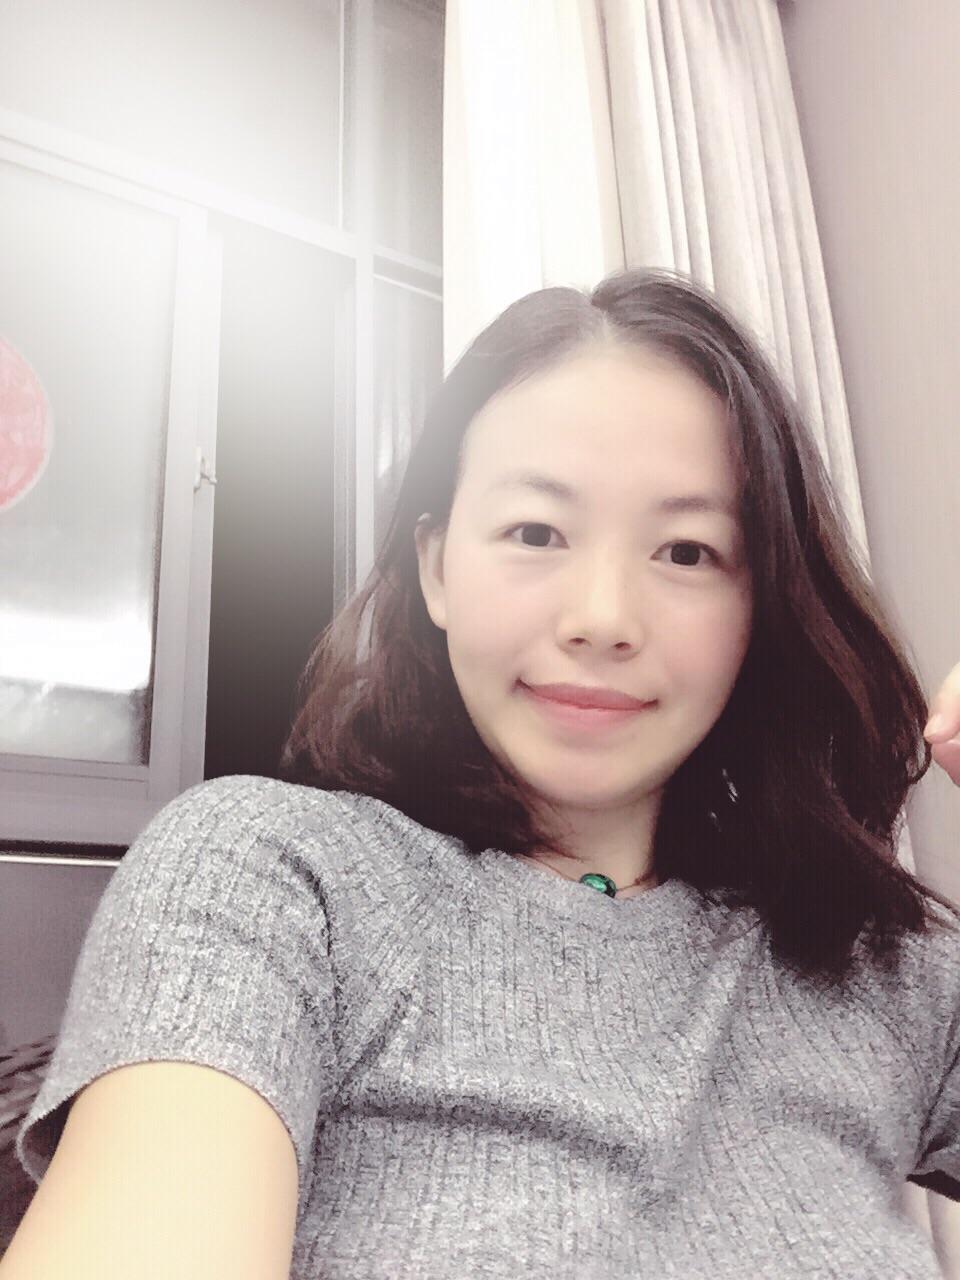 职业模特旺旺简历